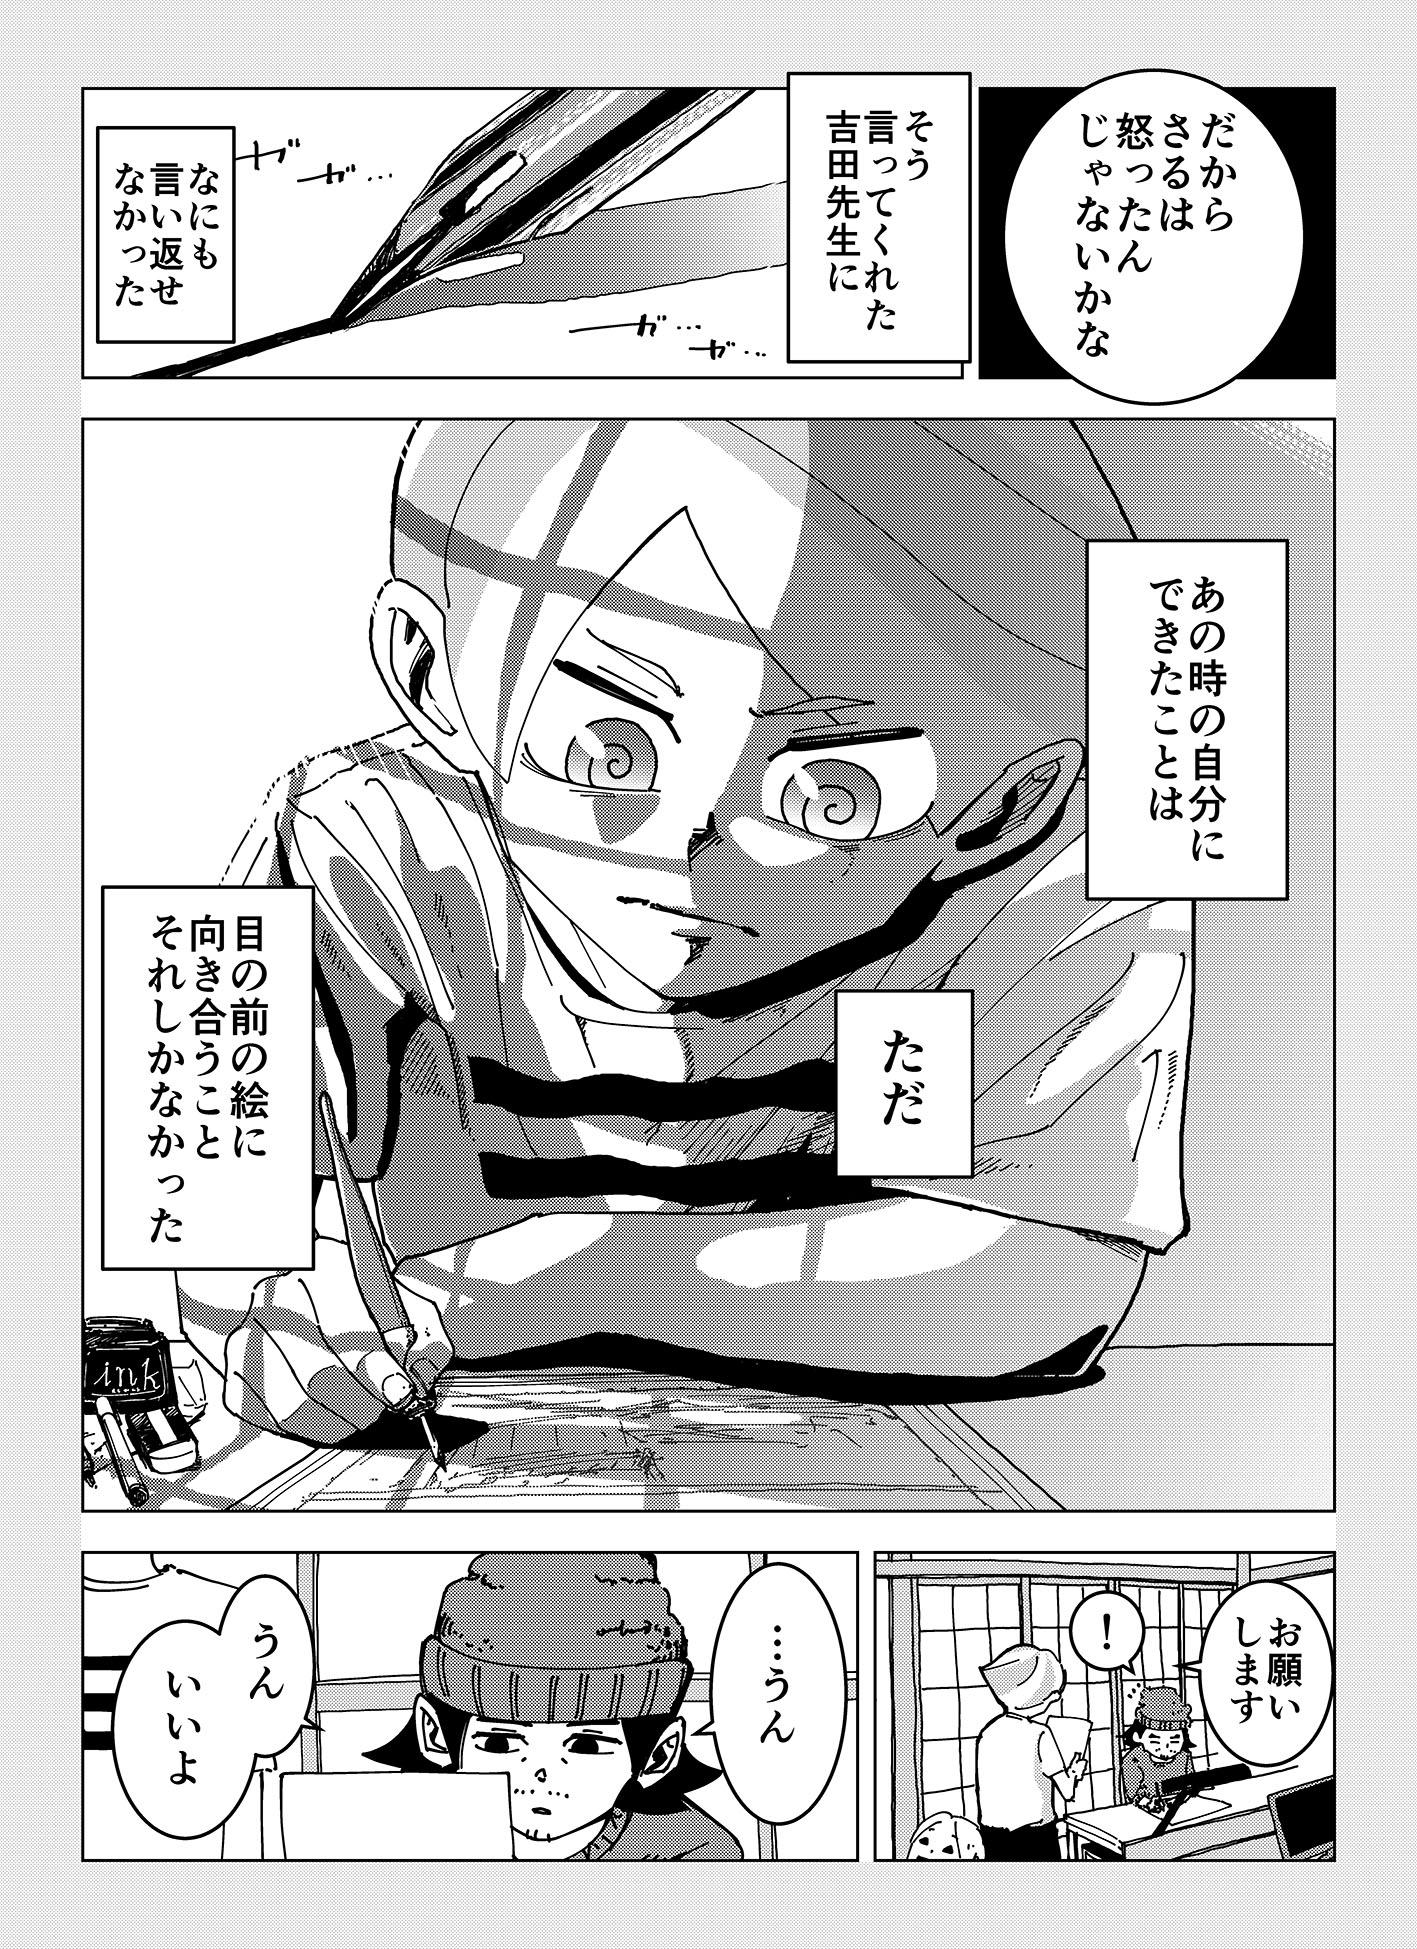 share_07_10